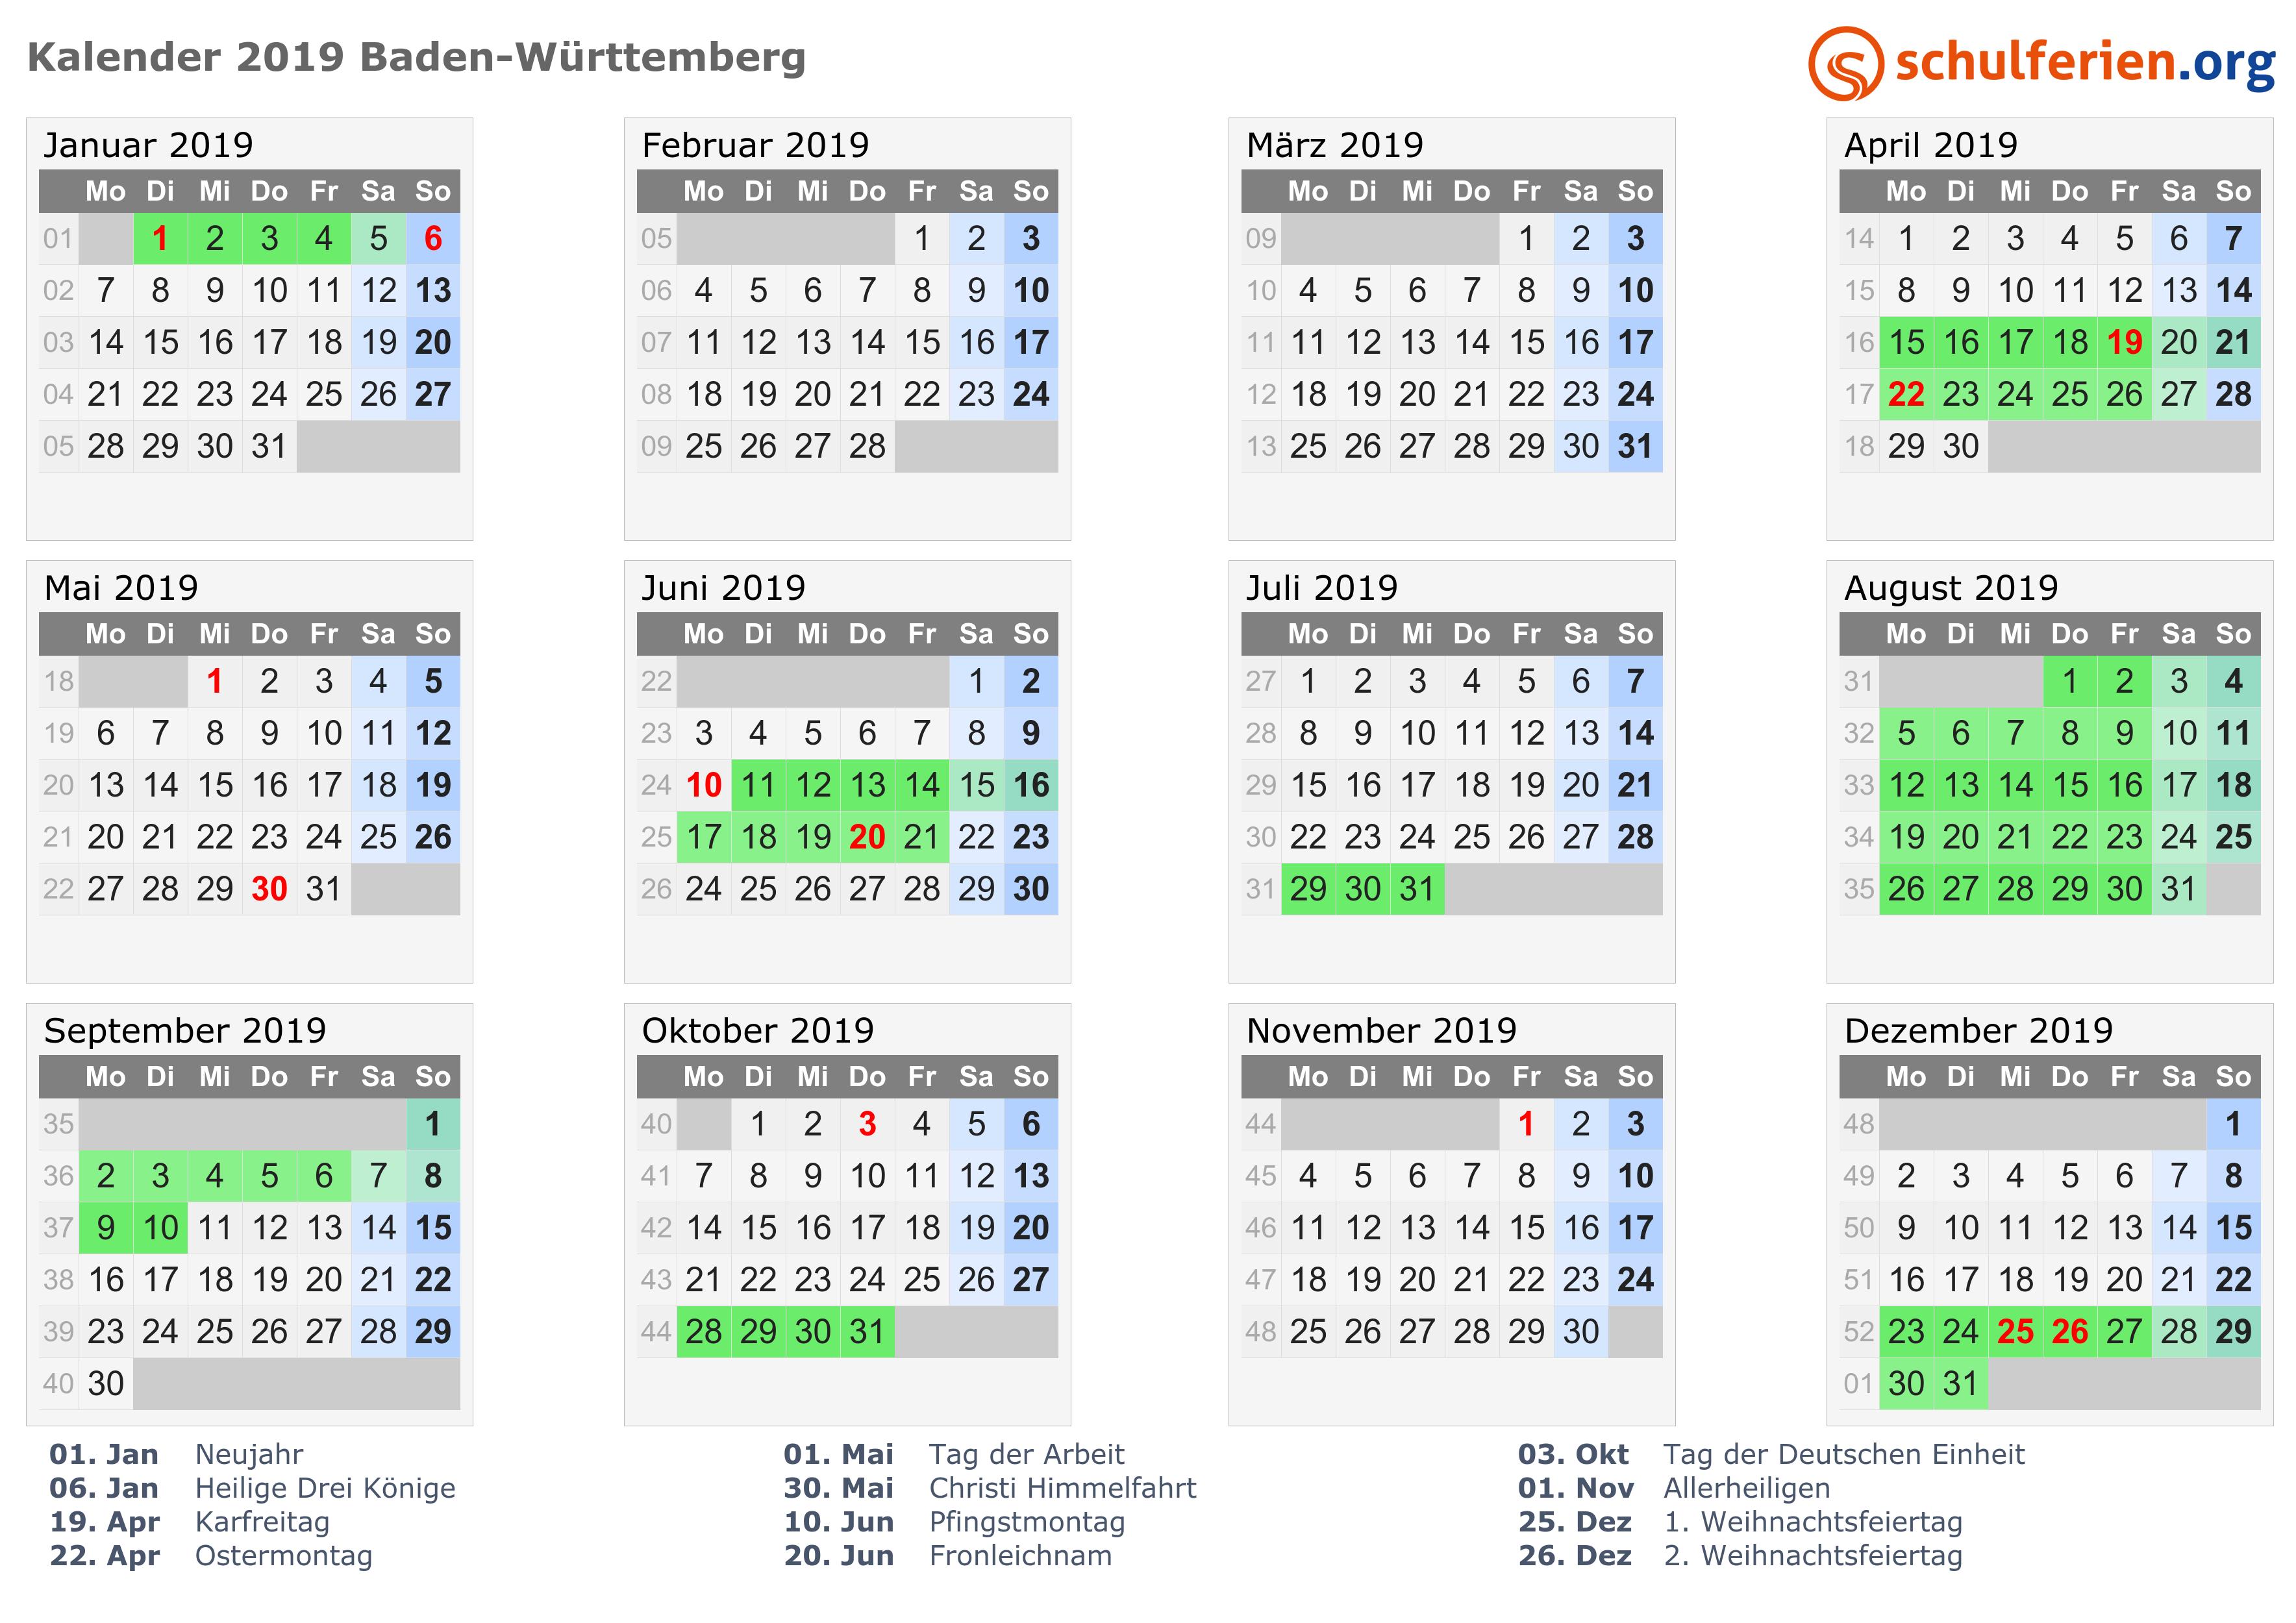 wann sind pfingstferien in baden-württemberg 2019